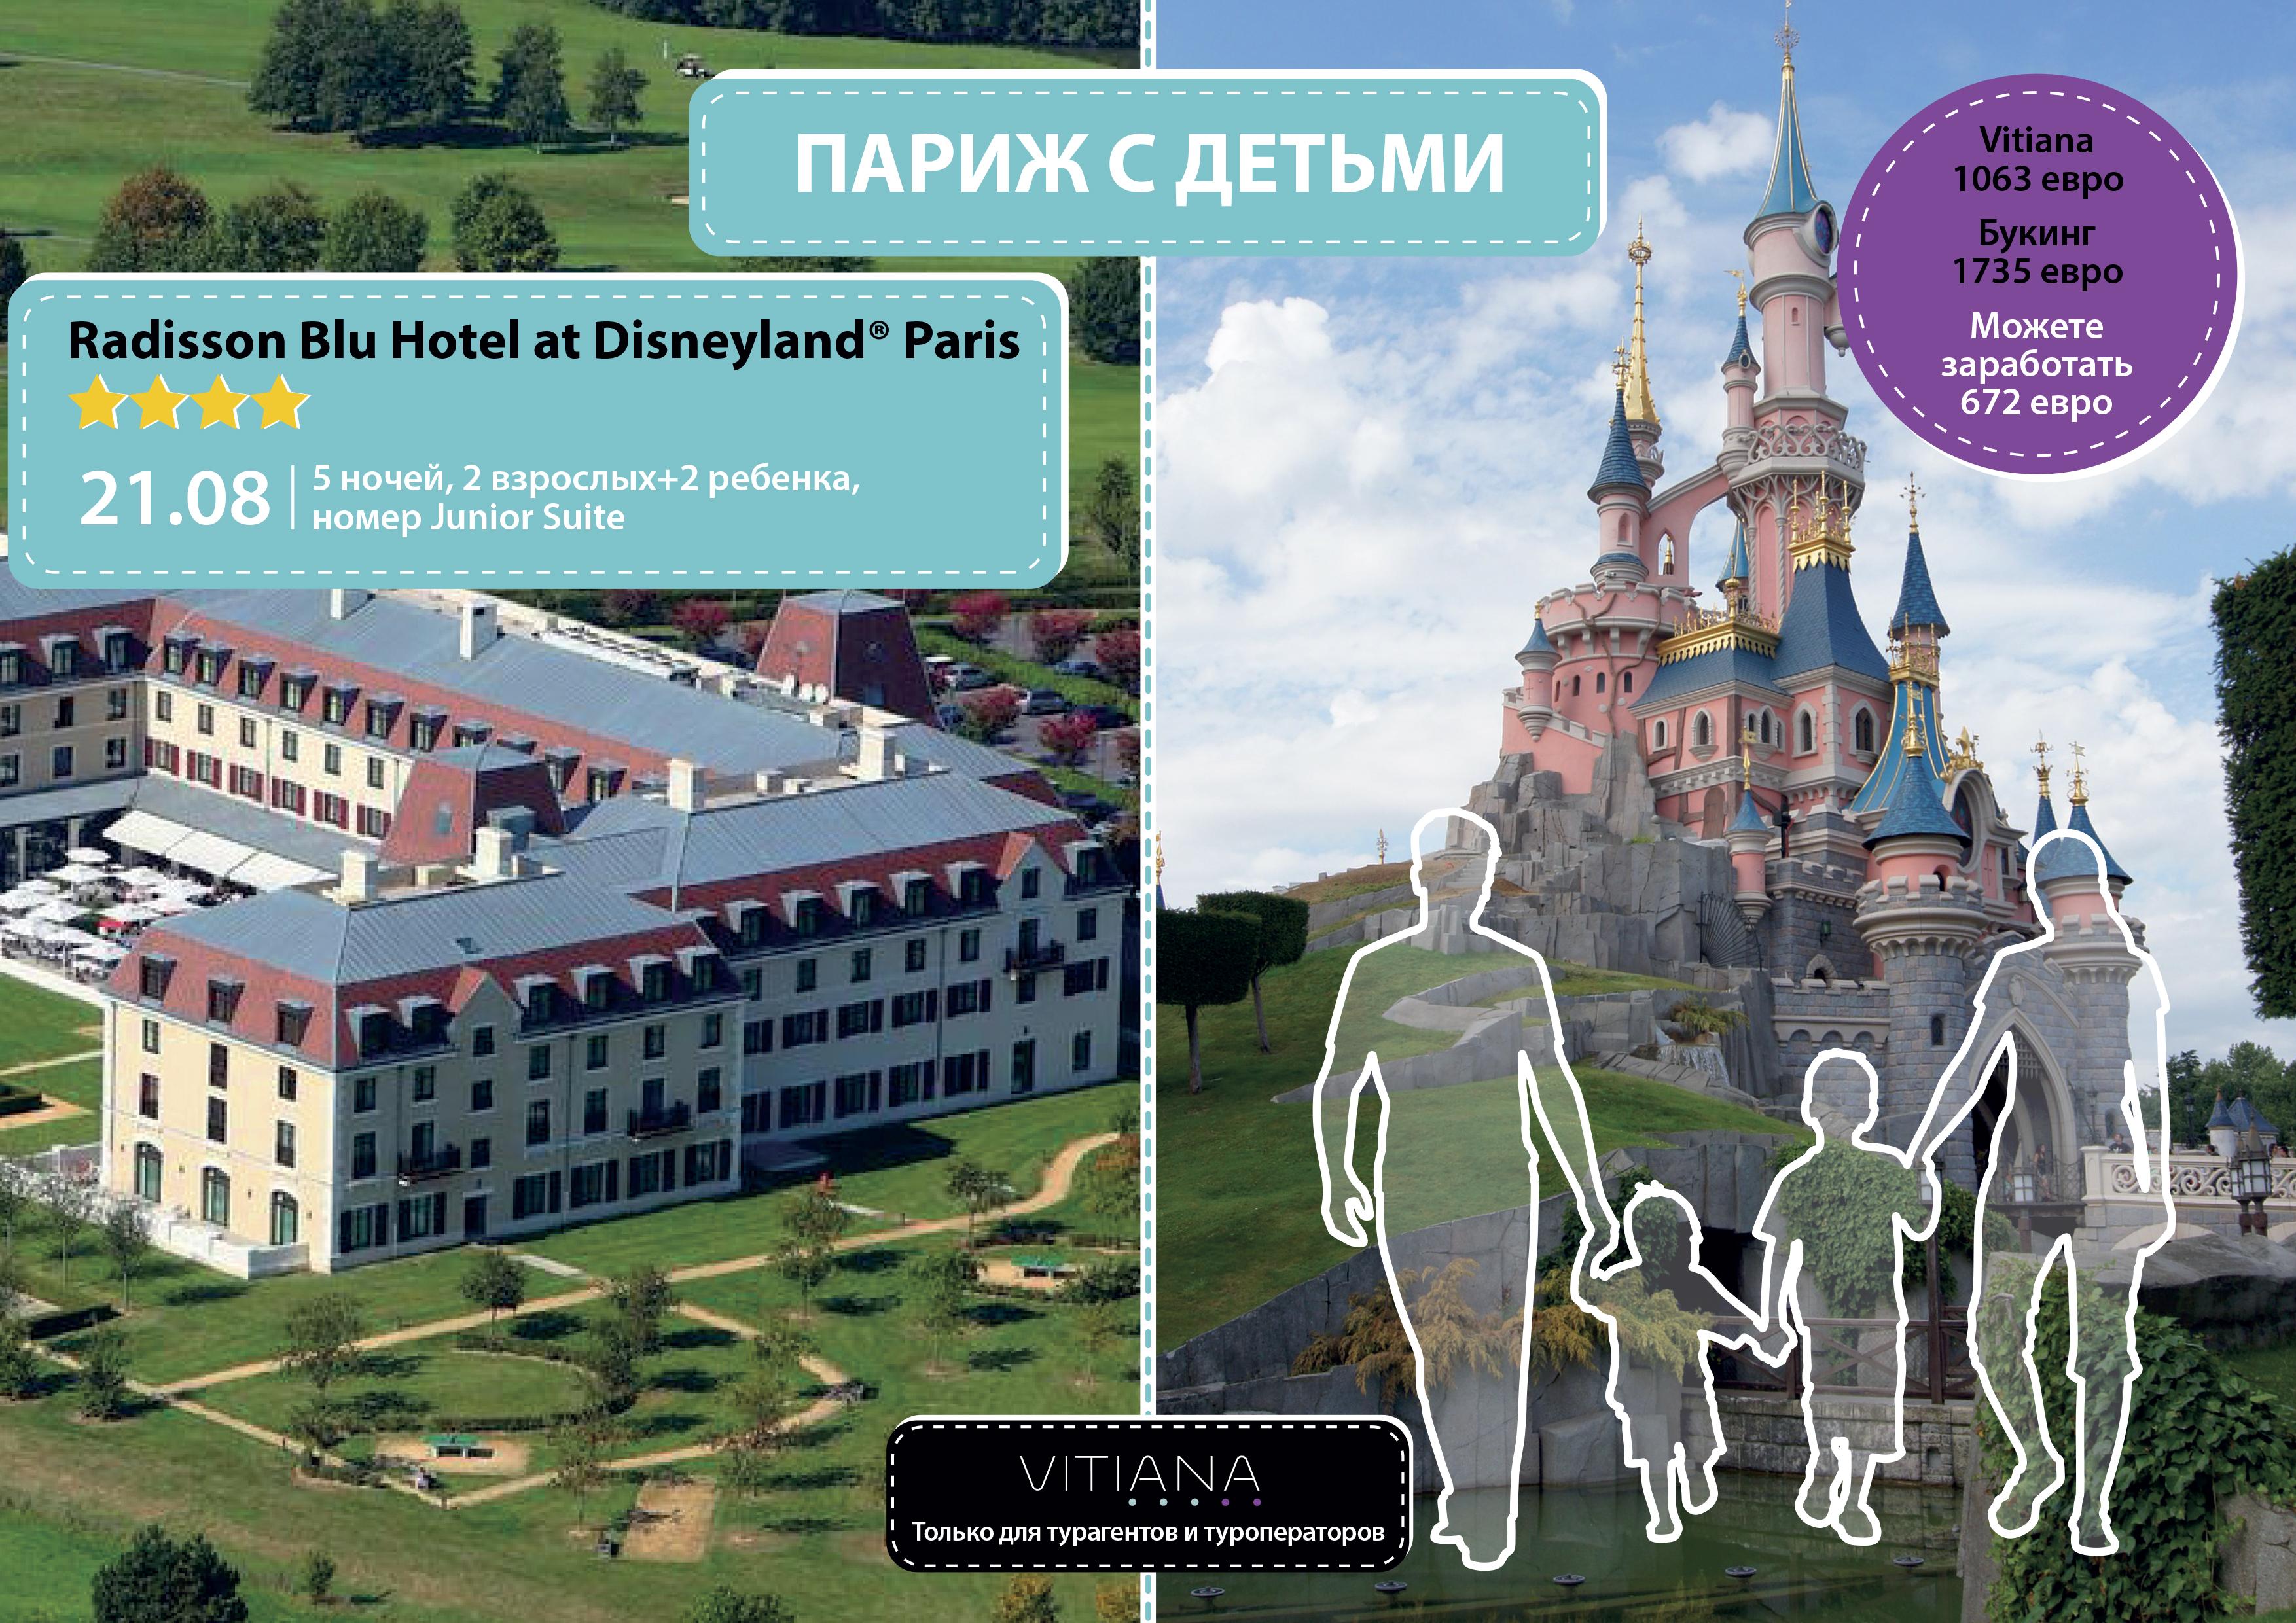 Отель недели по версии vitiana